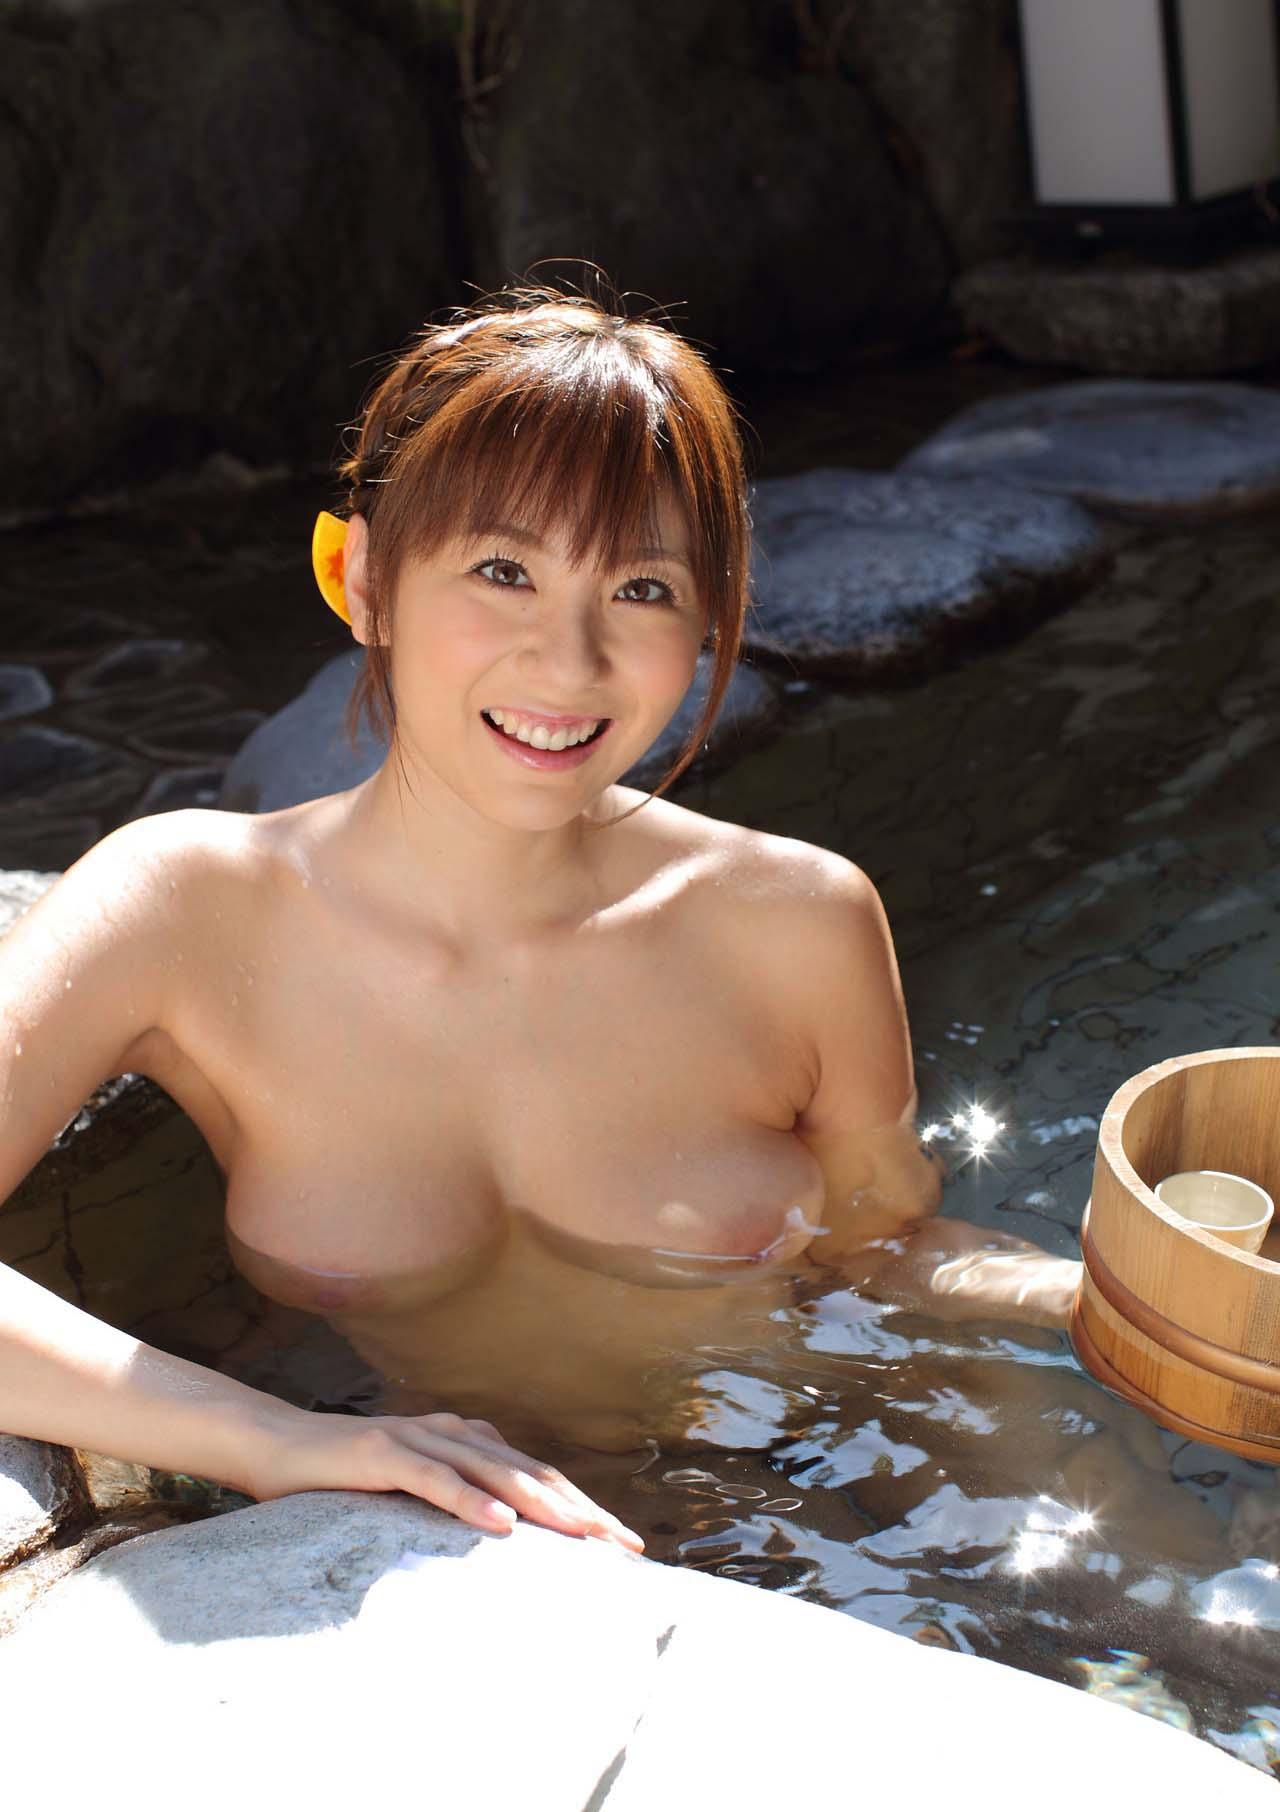 三次元 3次元 エロ画像 AV女優 麻美ゆま ヌード べっぴん娘通信 064